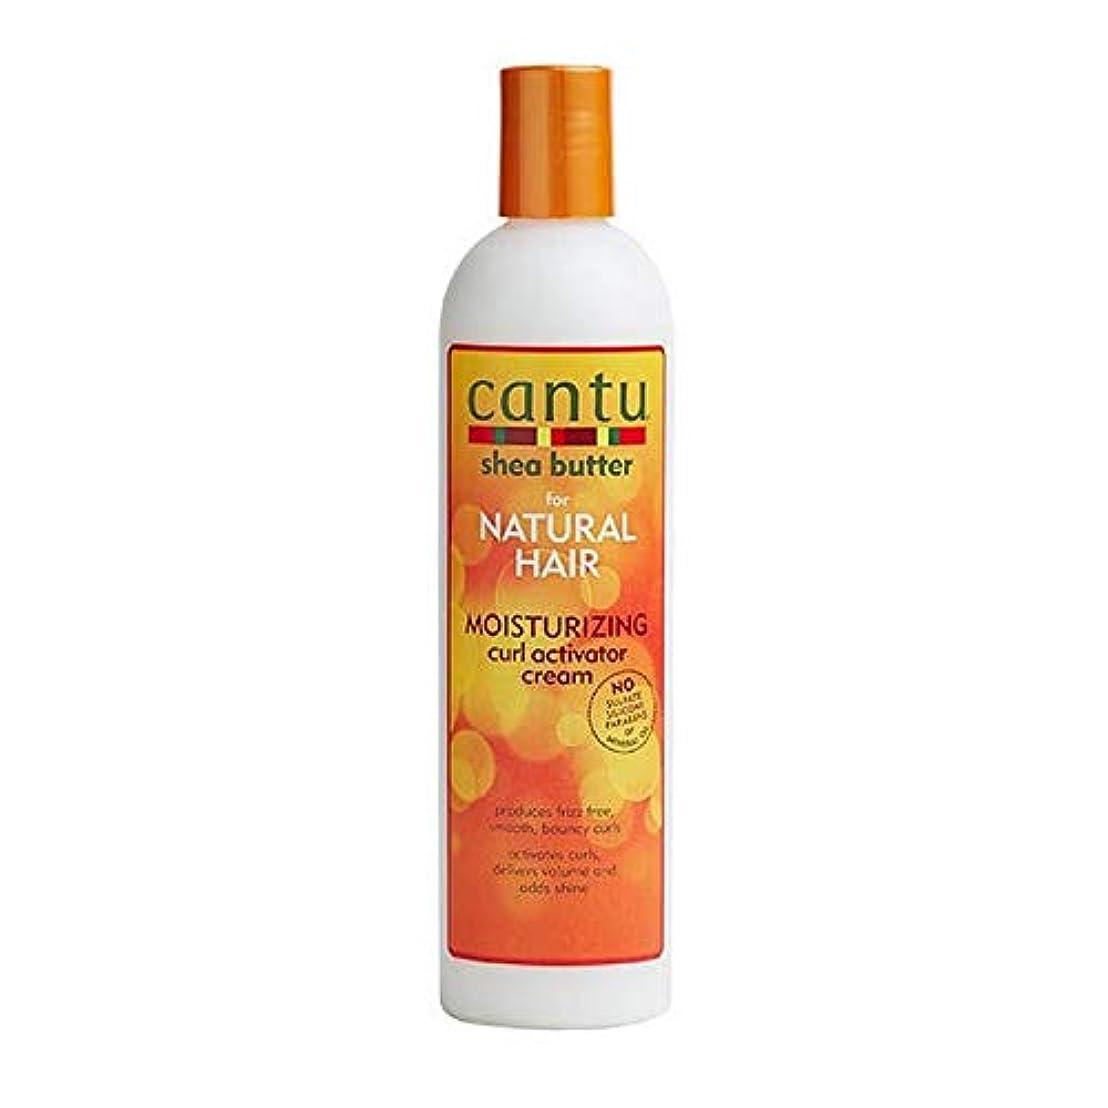 トースト鰐潮[Cantu ] カールアクチベータークリーム355ミリリットル保湿カントゥ自然な髪 - Cantu Natural Hair Moisturizing Curl Activator Cream 355ml [並行輸入品]